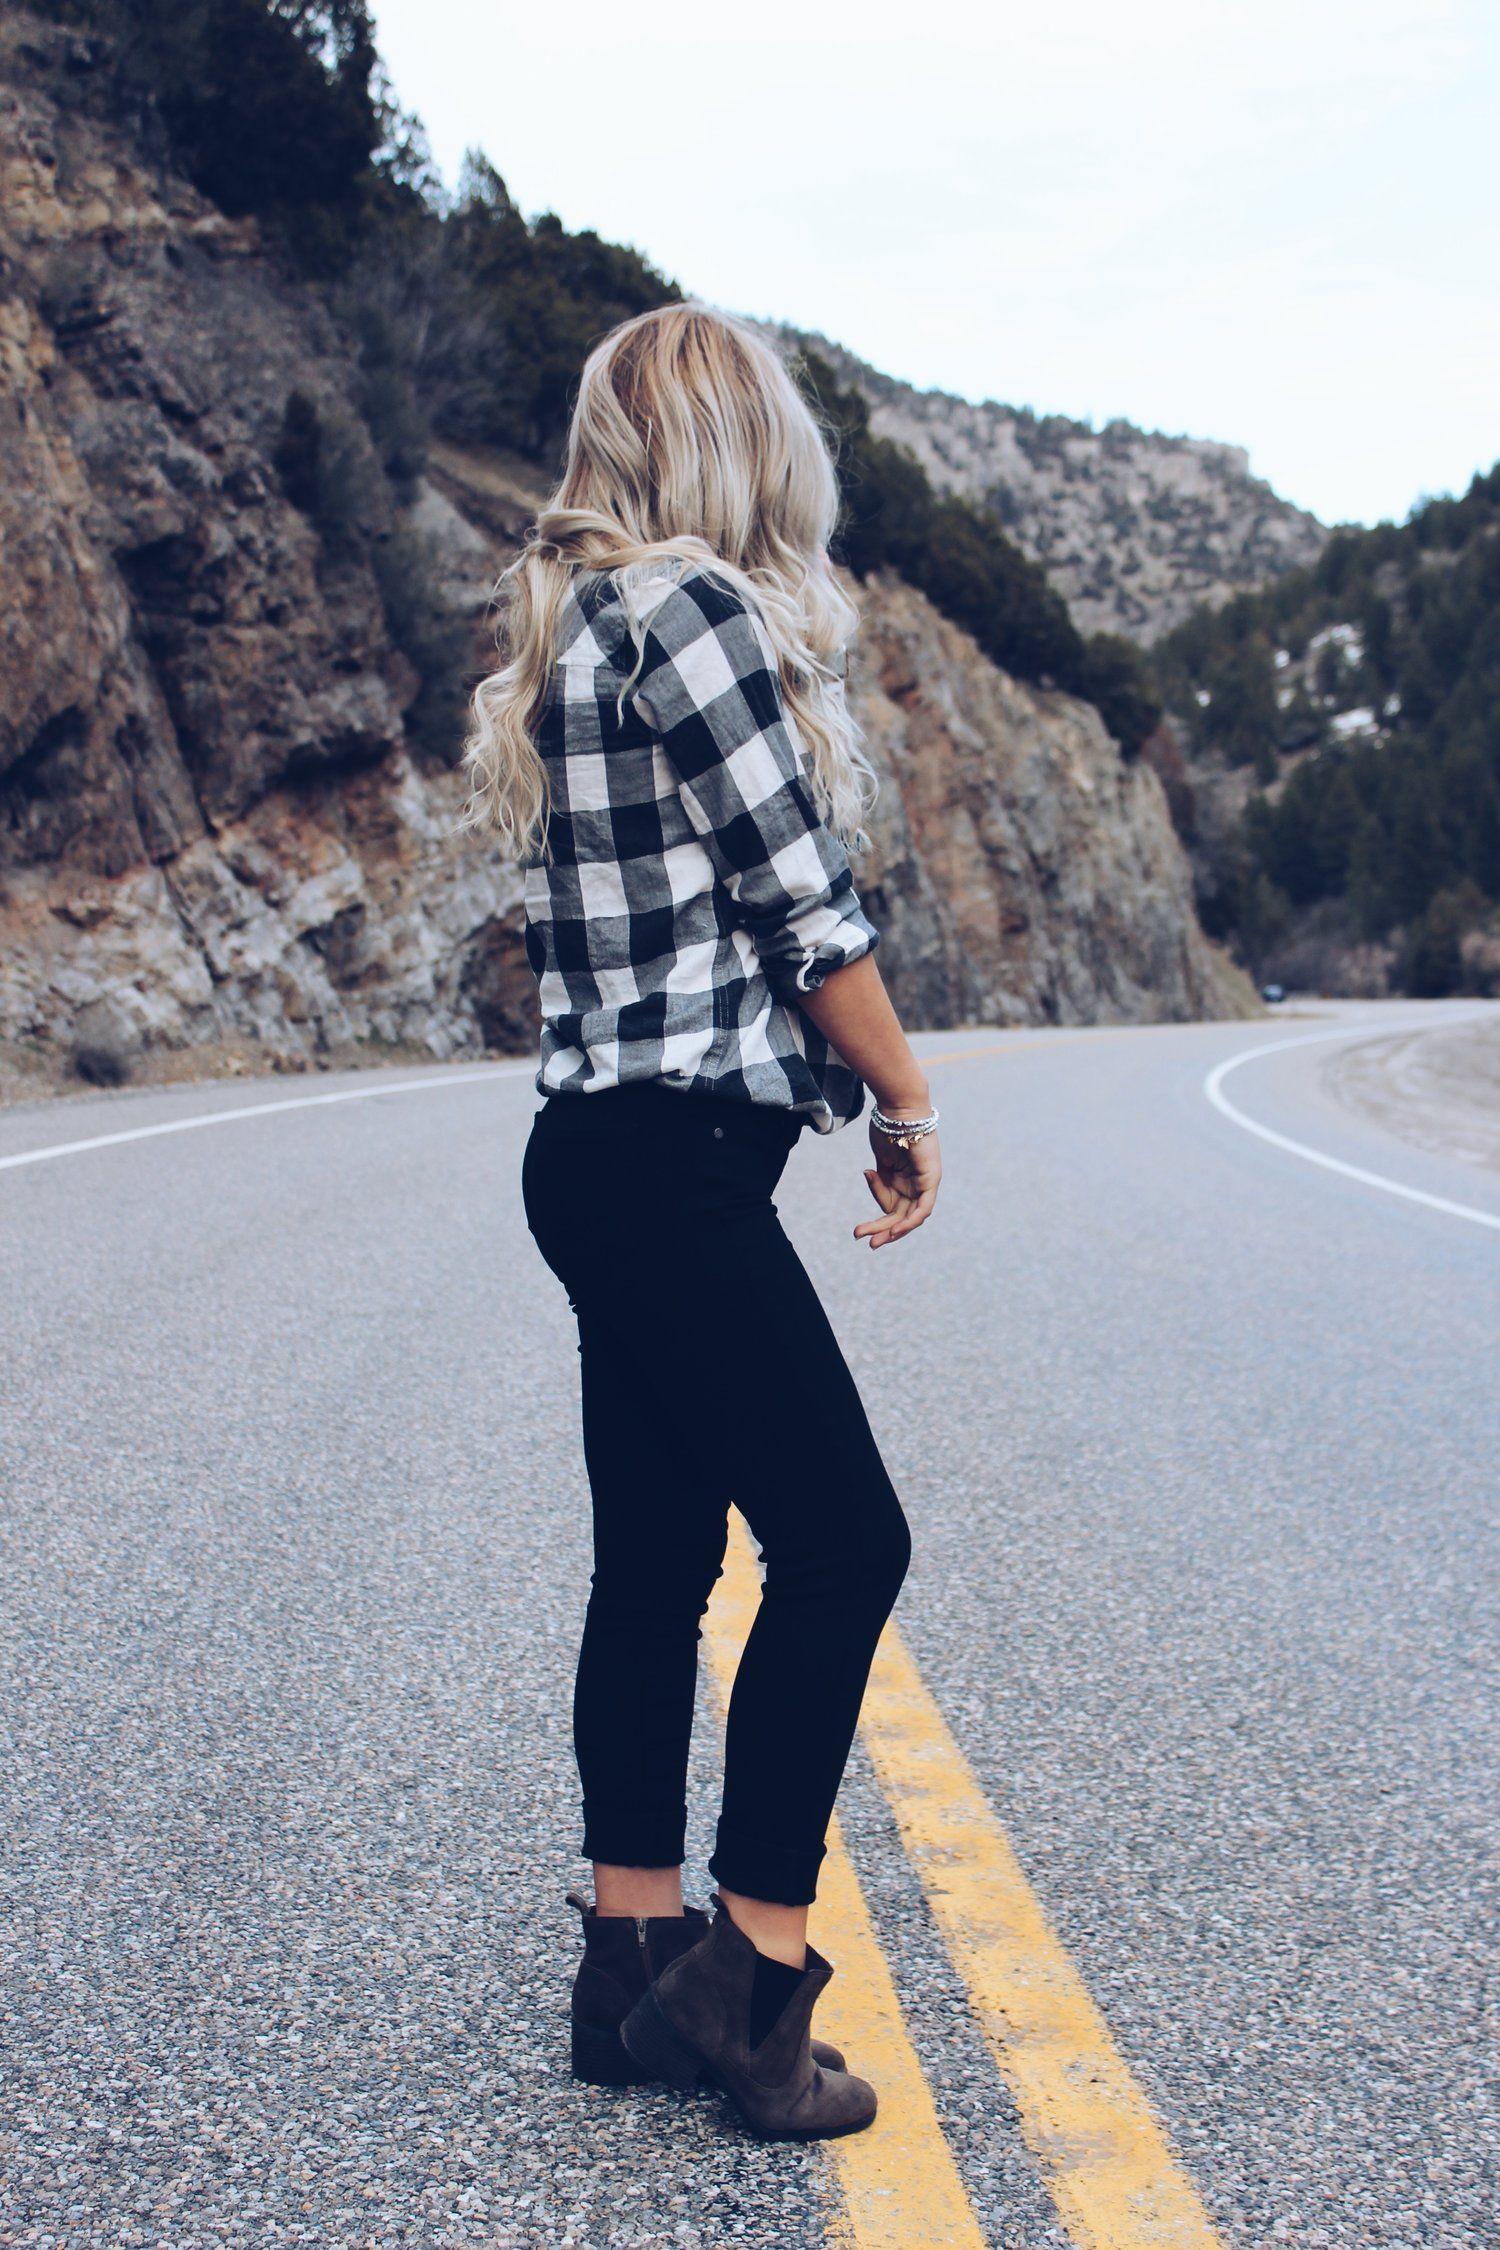 Flannel fashion makeup  Wrap Bracelet   The Best Fashion Pins  Pinterest  Jeans